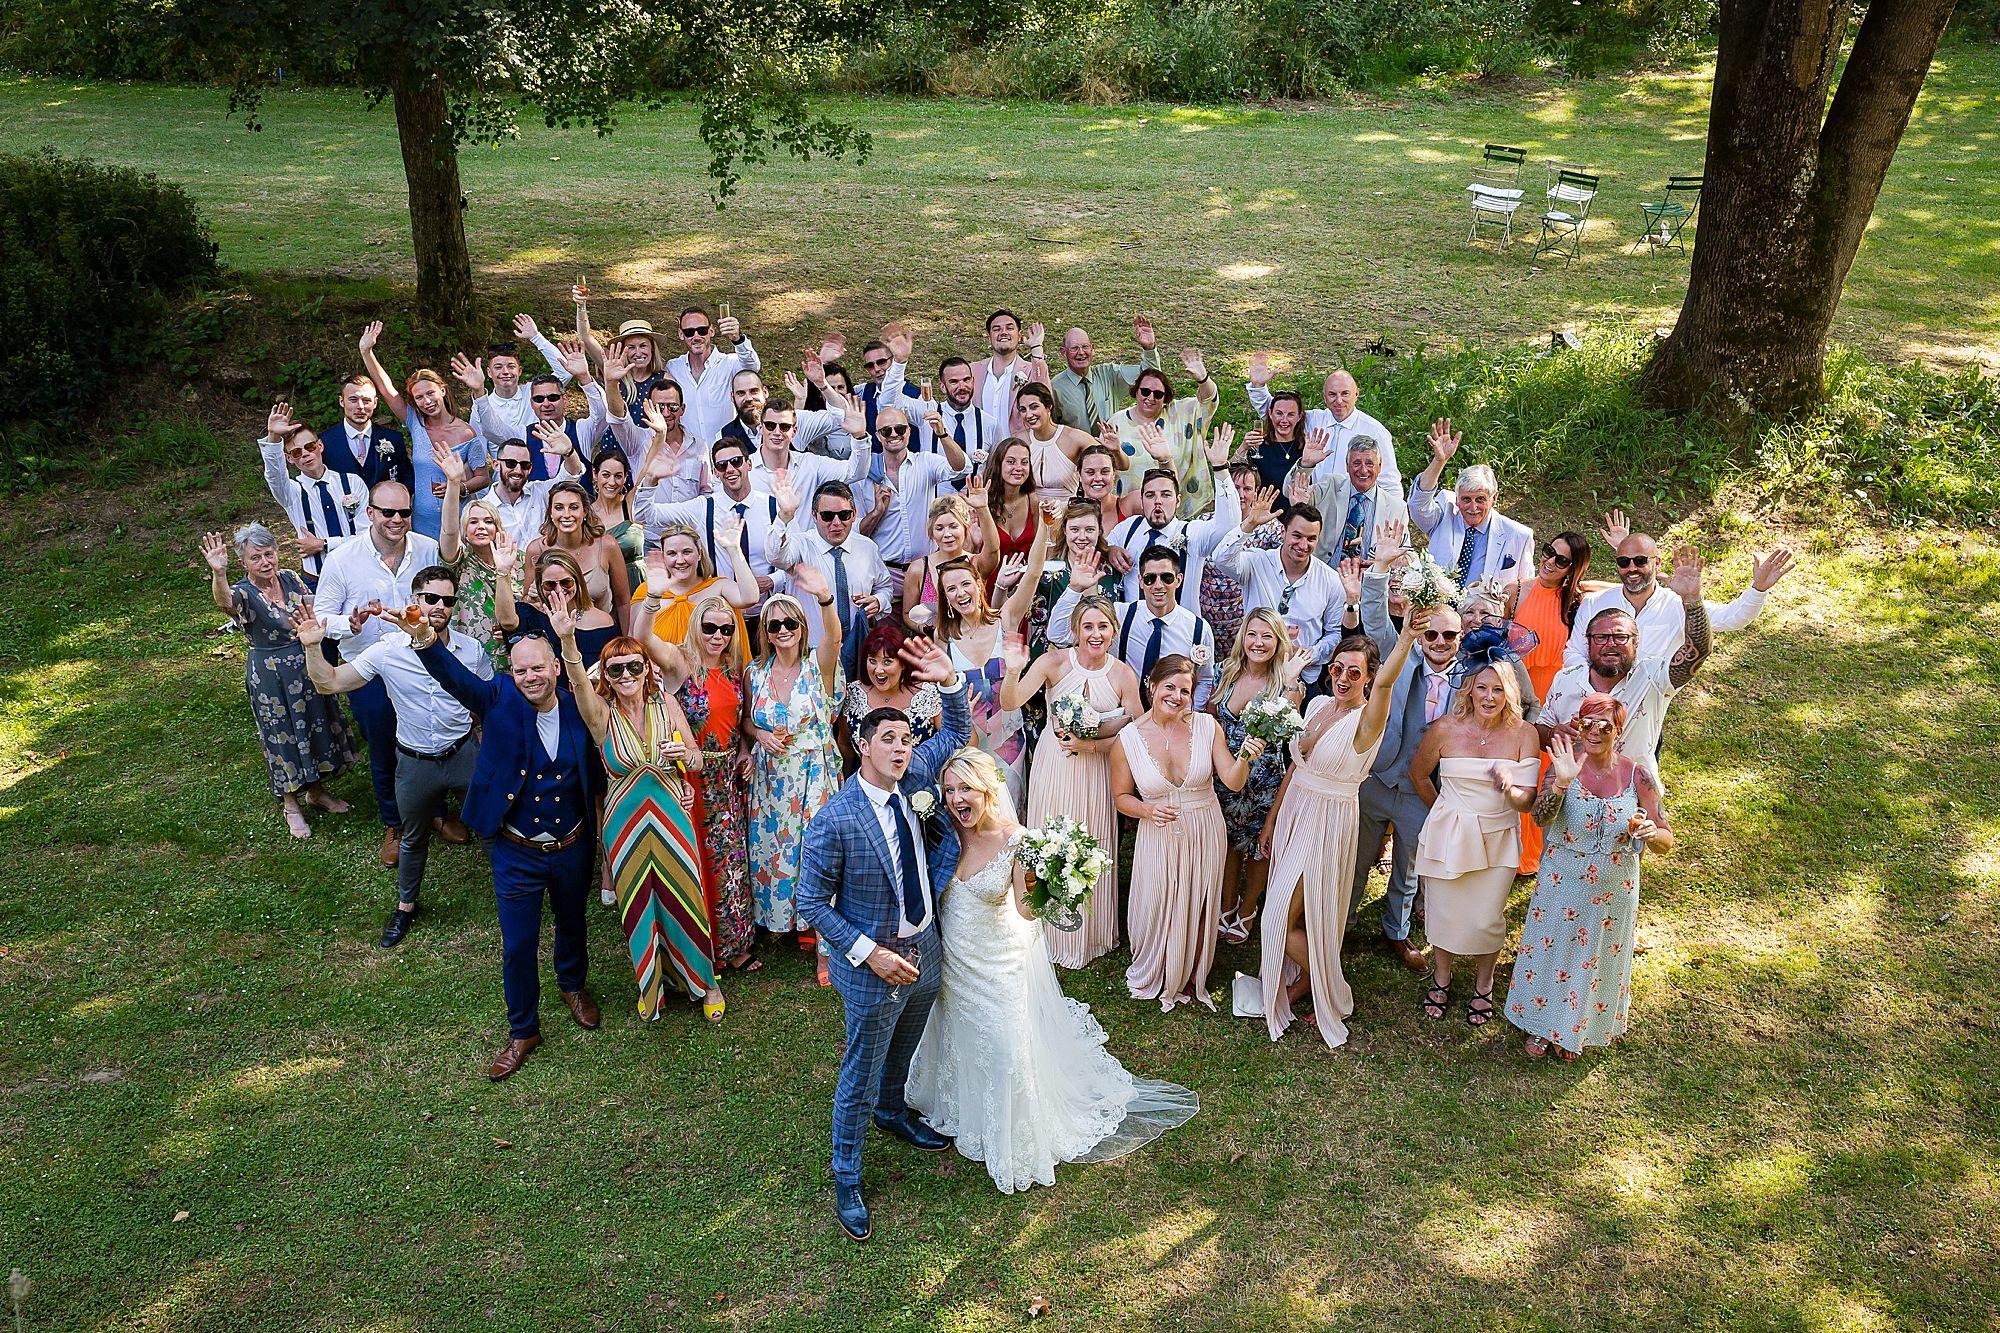 Chateau de Queille Wedding group images